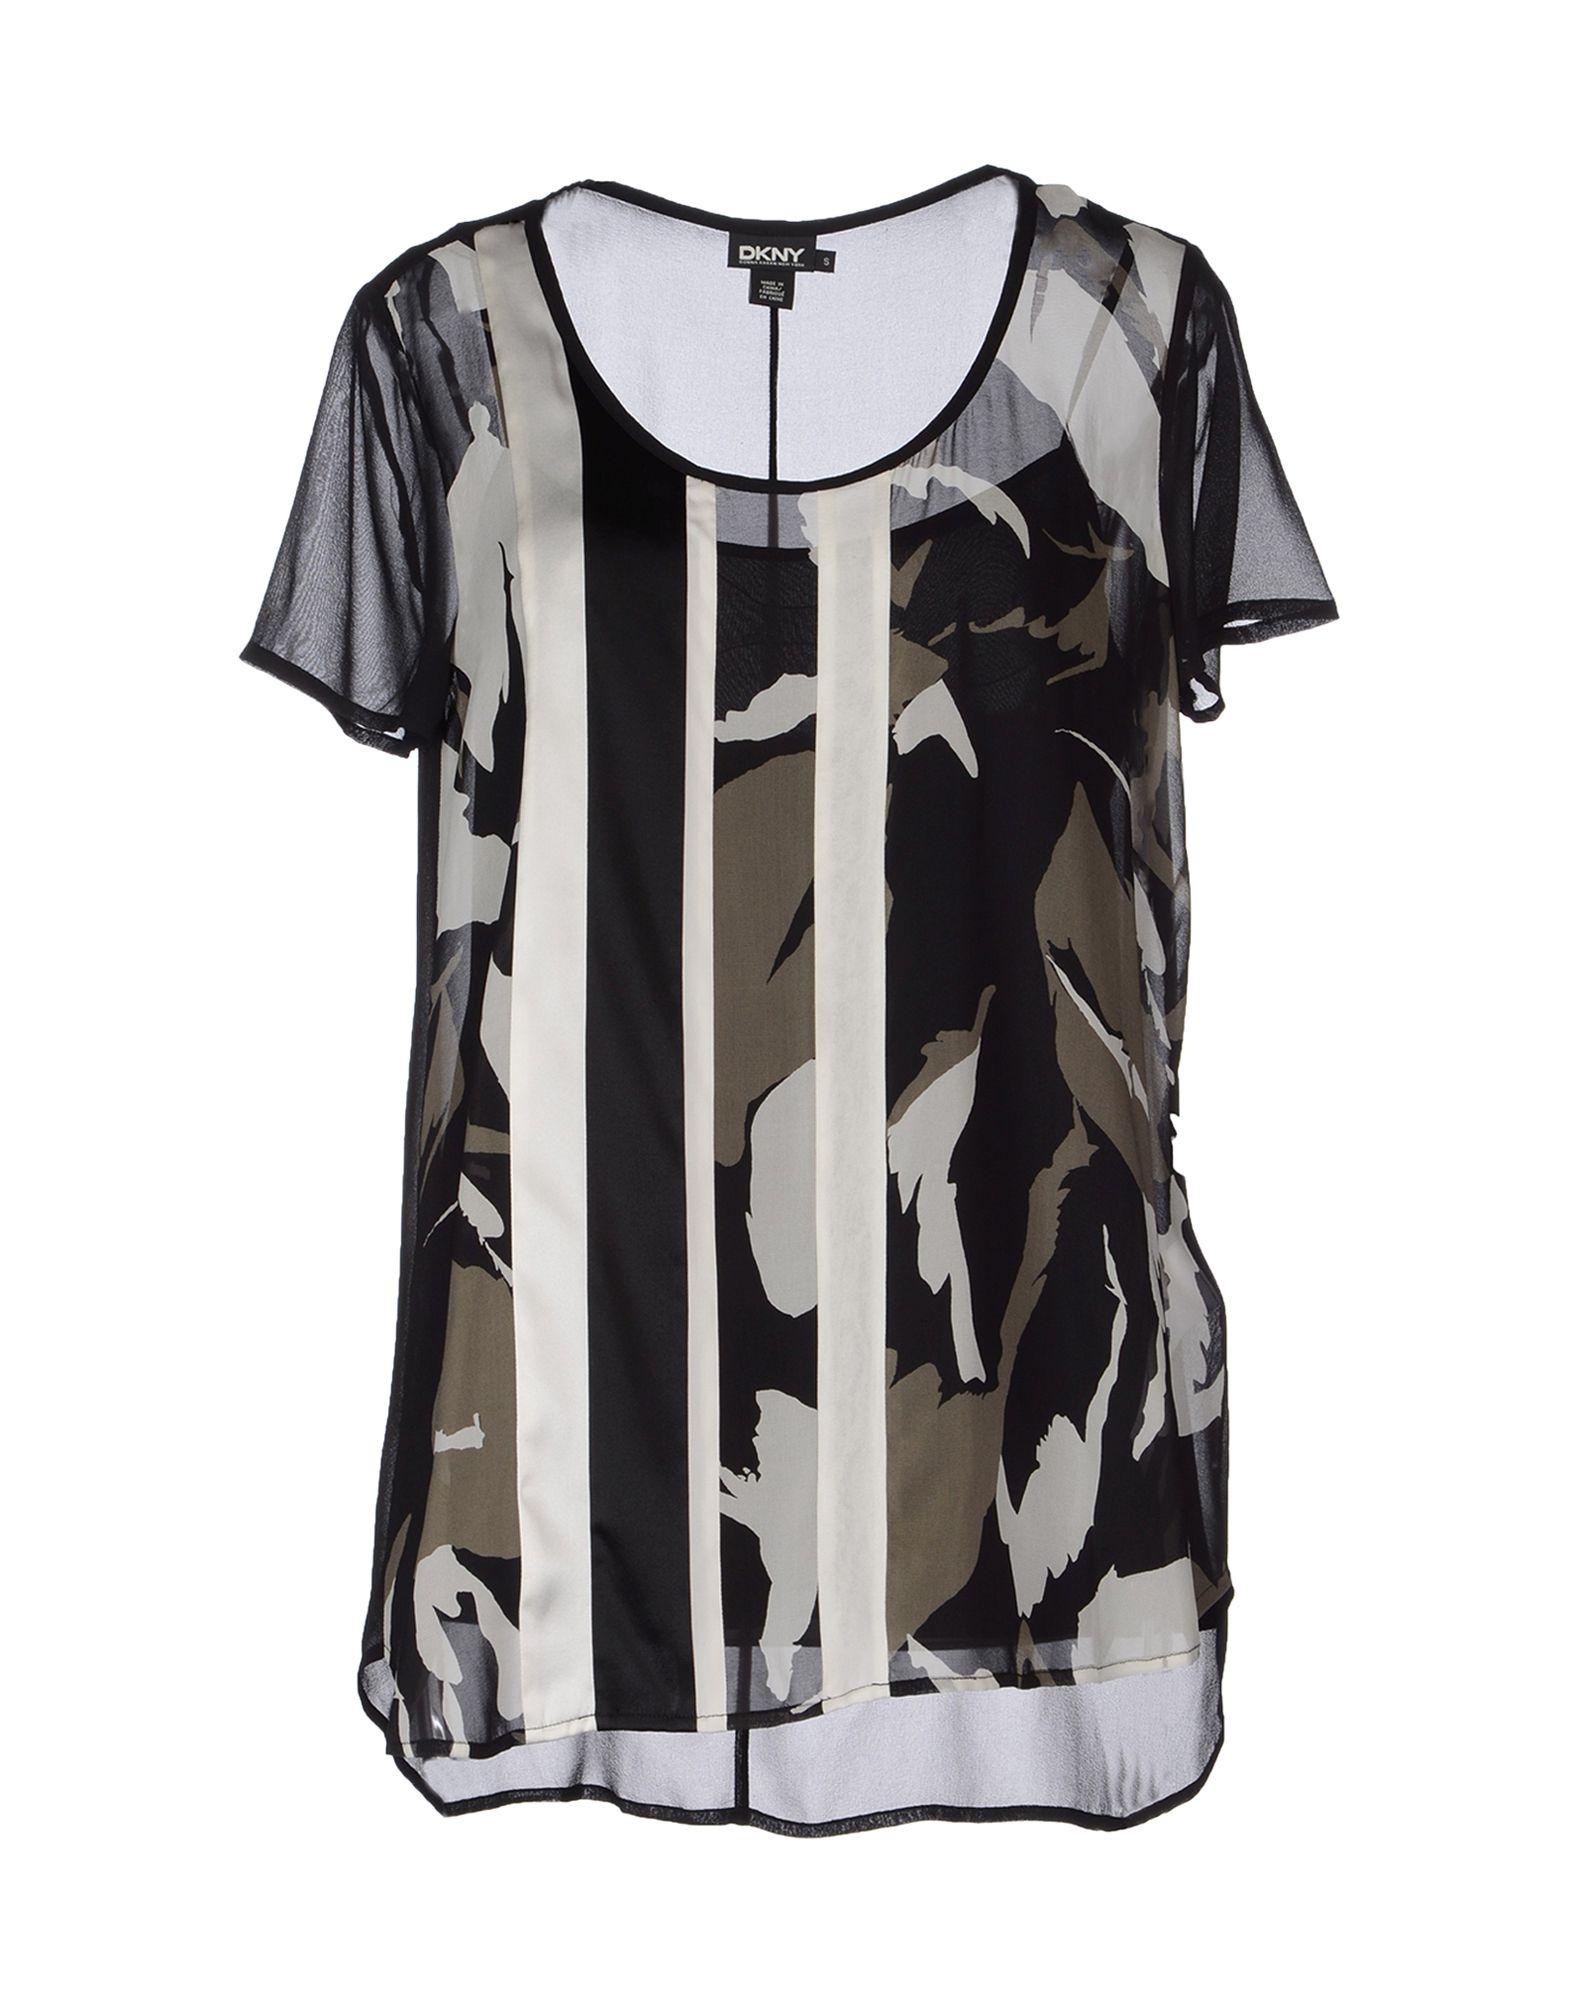 где купить DKNY Блузка по лучшей цене